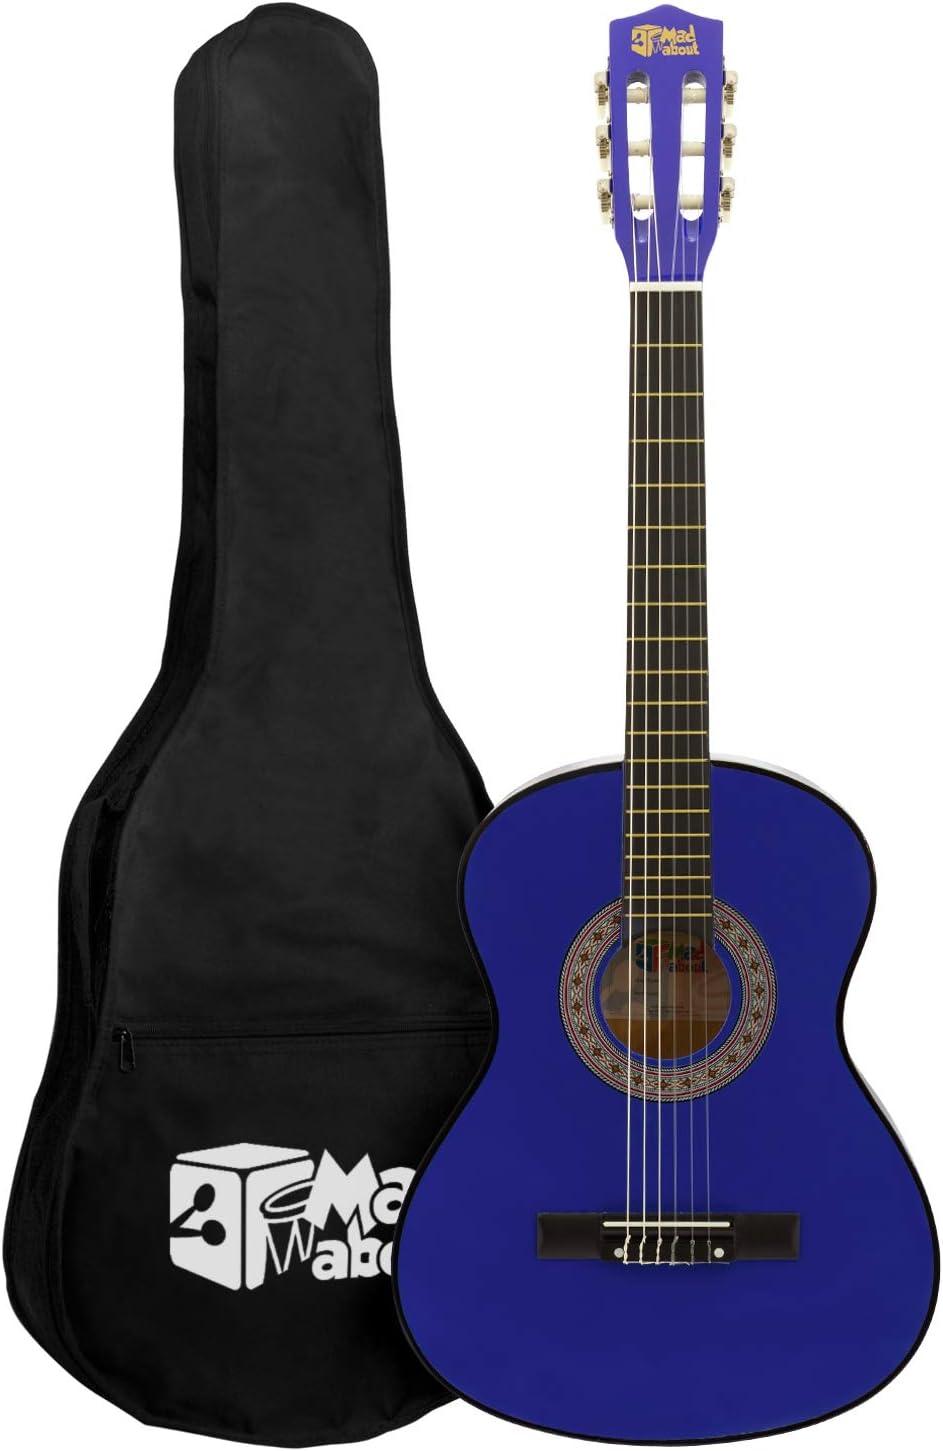 Mad About Ma-Cg07 Guitarra Clásica Azul Tamaño 1/2 Guitarra Clásica - Colorida Guitarra Española con Bolsa de Transporte, Correa, Púas y Cuerdas de Repuesto